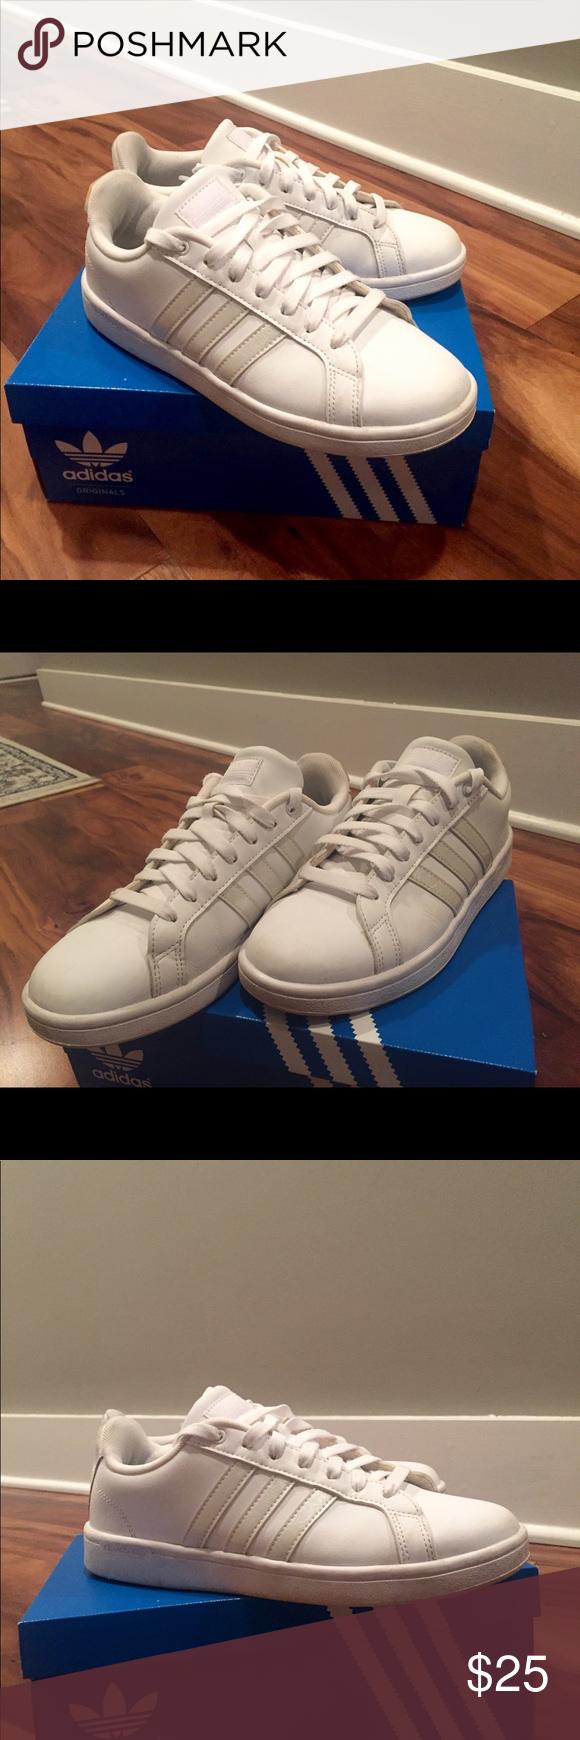 Adidas neo cloudfoam ventaja ( mujer 's 8) Adidas, Adidas zapatos